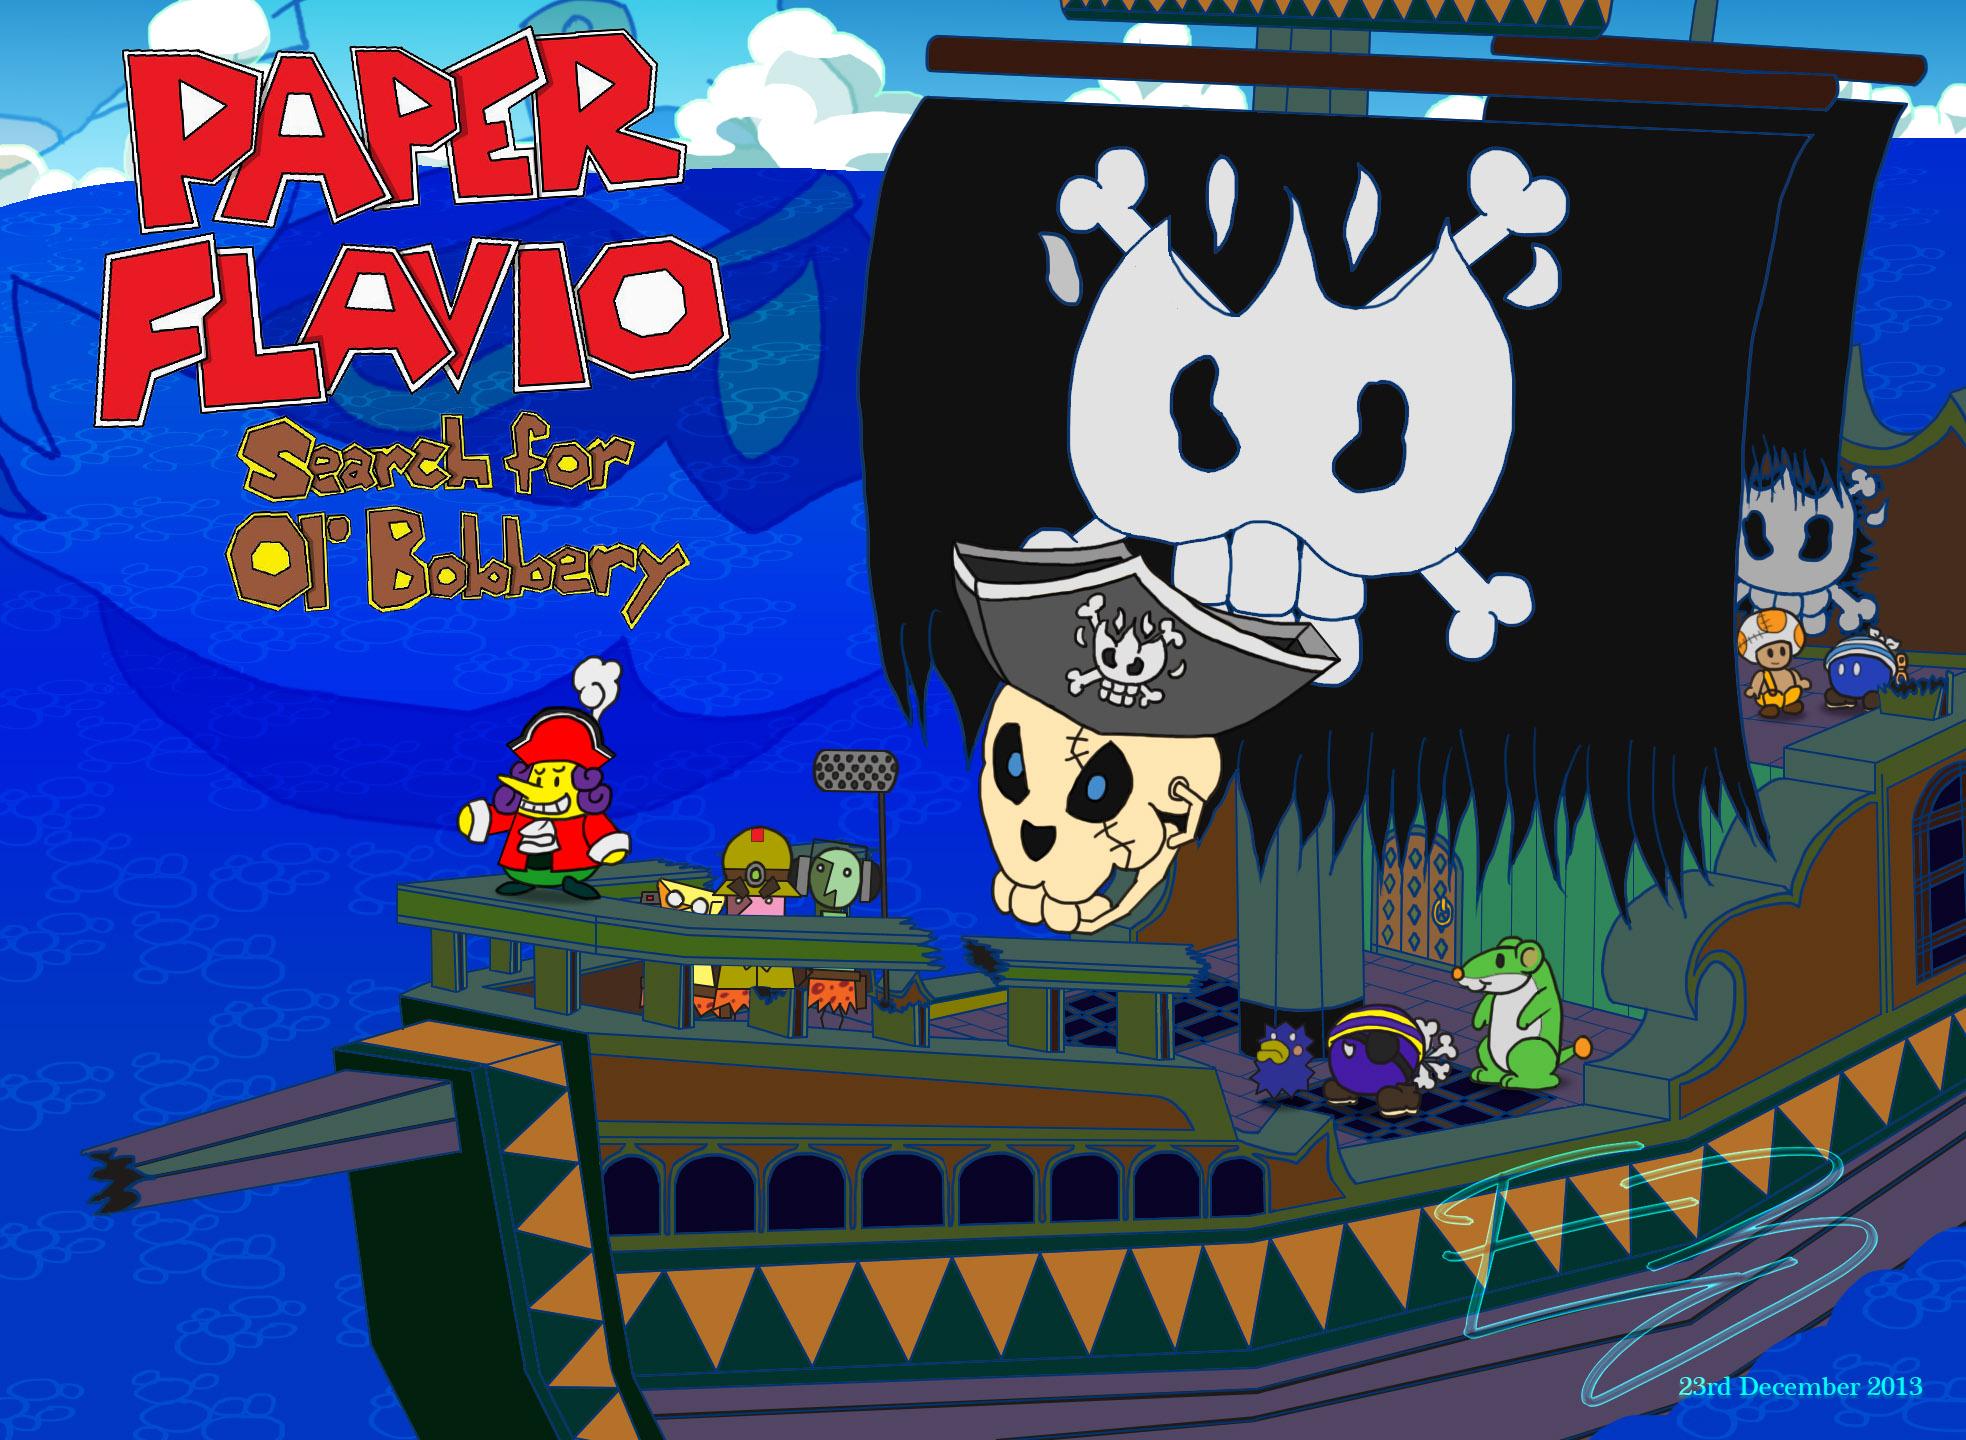 Paper Flavio